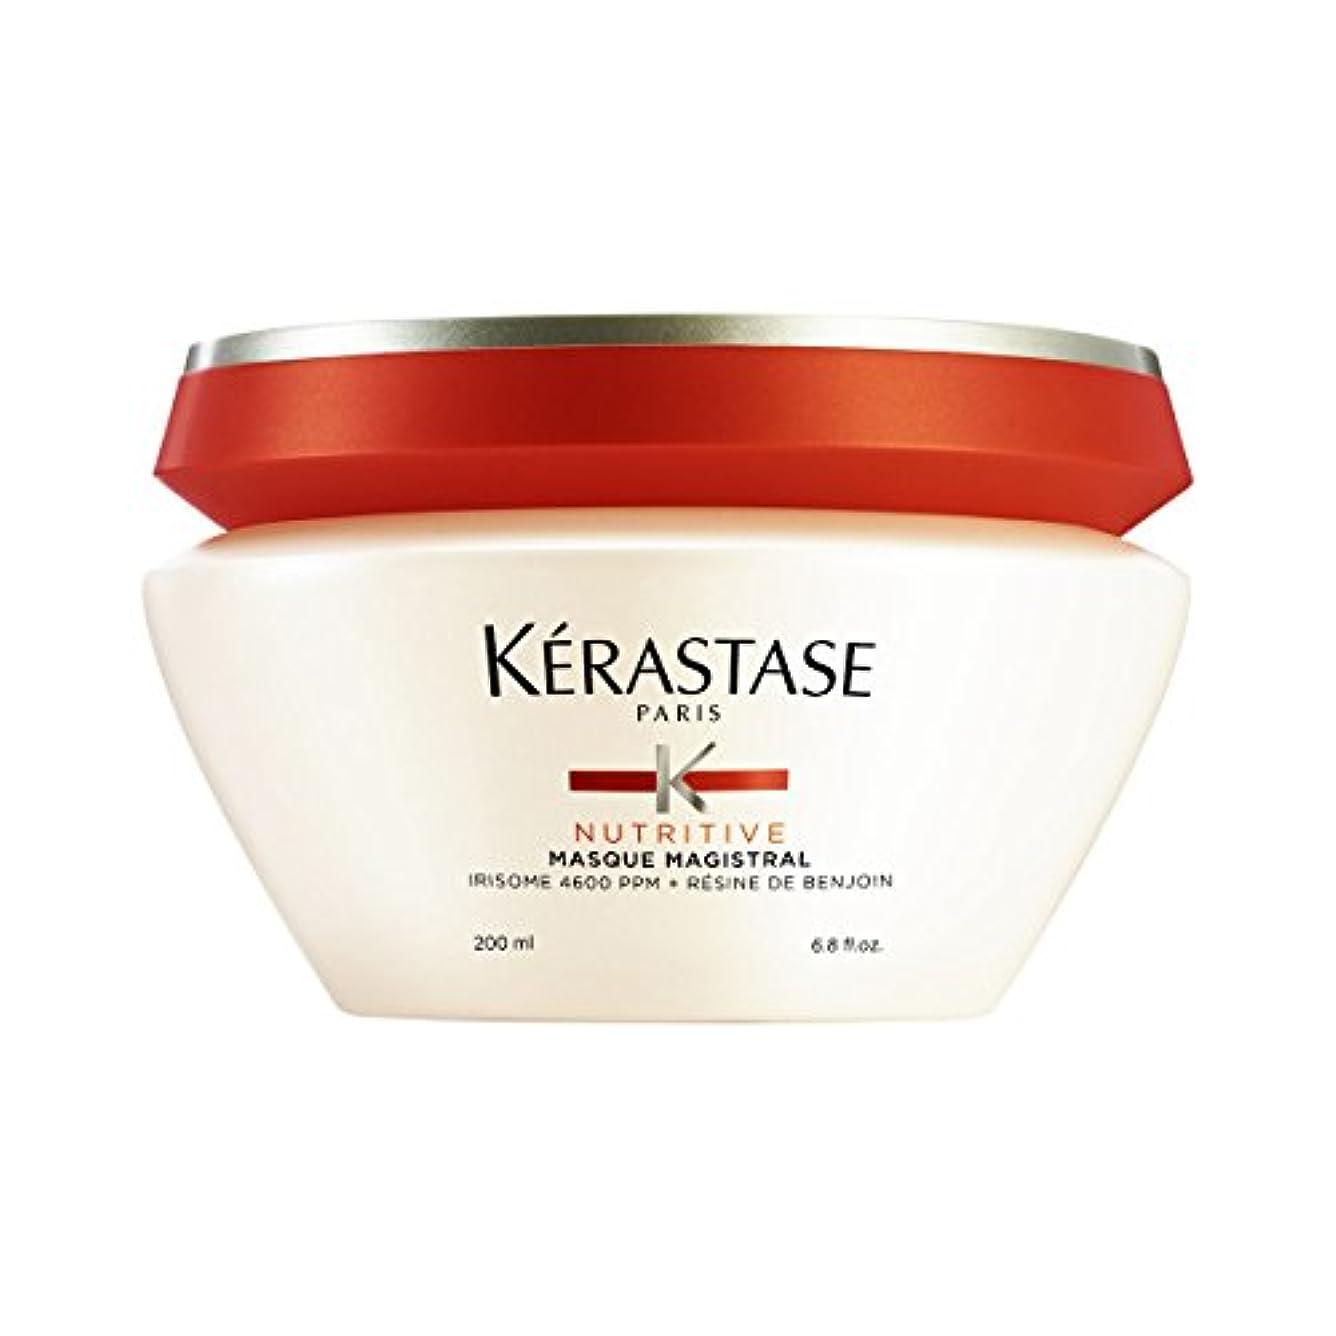 スキップ老朽化したこっそりK駻astase Nutritive Masque Magistral Hair Mask 200ml [並行輸入品]